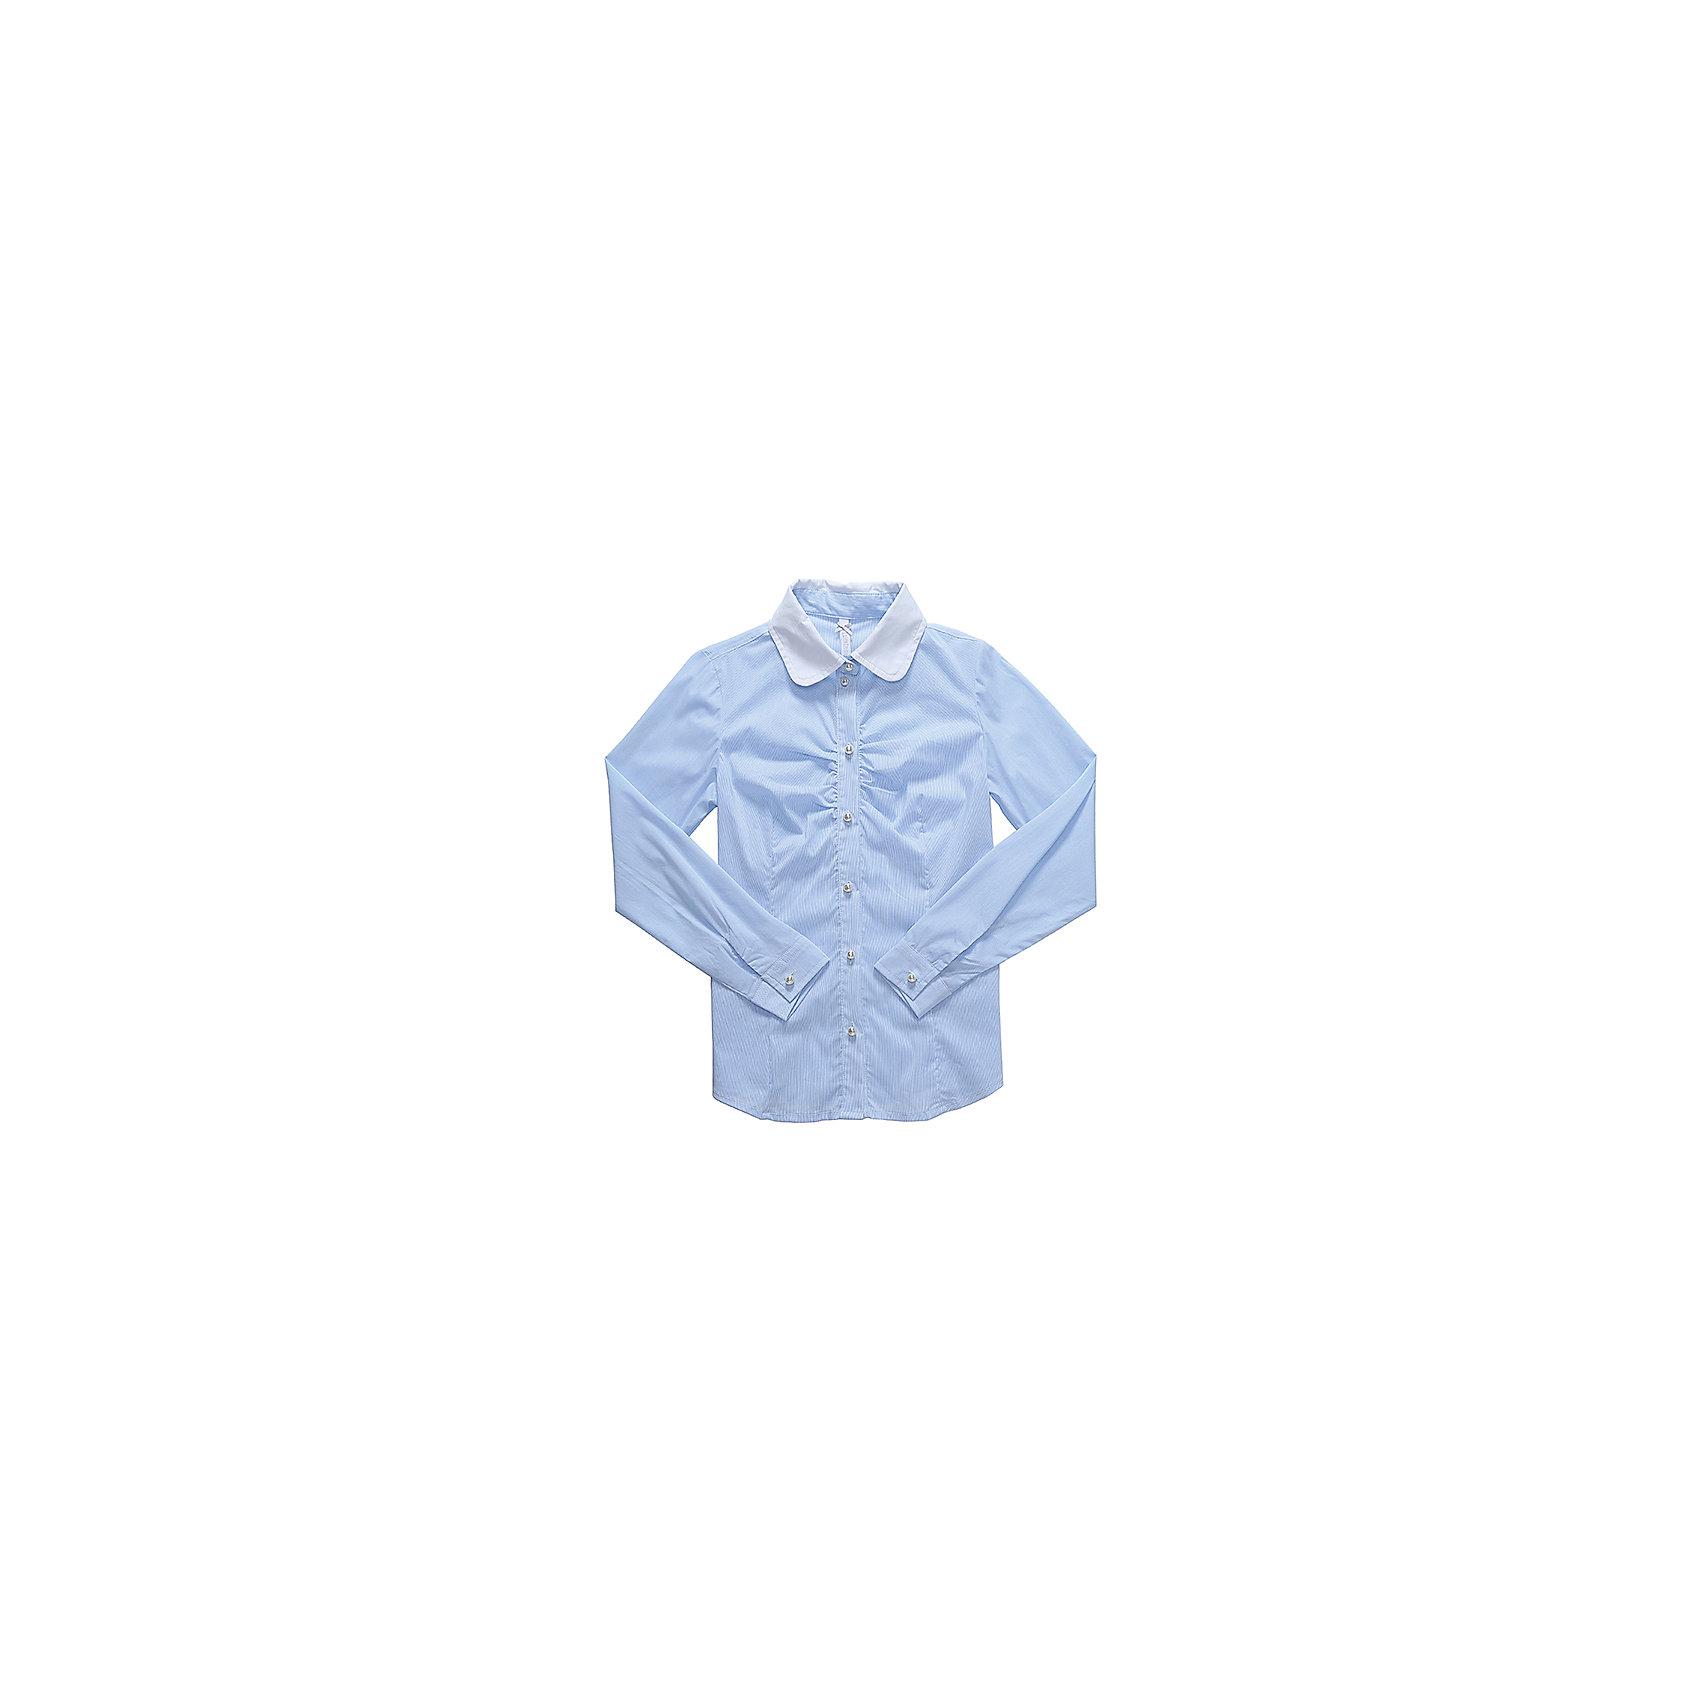 Блузка для девочки LuminosoБлузки и рубашки<br>Характеристики товара:<br><br>• цвет: голубой<br>• состав ткани: 69% хлопок, 28% нейлон, 3% эластан<br>• с длинным рукавом<br>• застежка: пуговицы<br>• манжеты на пуговице<br>• особенности: школьная, в мелкую полоску<br>• страна бренда: Россия<br>• страна производства: Китай<br><br>Школьная блузка с длинным рукавом для девочки. Классическая блузка для девочки в микрополоску бело-голубого цвета. Приталенный крой, контрастный отложной воротничок белого цвета. Декоративная, мягкая сборка на планке. Застегивается на пуговки, манжеты рукавов на одной пуговице. Пуговки в виде жемчуга.<br><br>Блузка для девочки Luminoso (Люминосо) можно купить в нашем интернет-магазине.<br><br>Ширина мм: 186<br>Глубина мм: 87<br>Высота мм: 198<br>Вес г: 197<br>Цвет: голубой<br>Возраст от месяцев: 156<br>Возраст до месяцев: 168<br>Пол: Женский<br>Возраст: Детский<br>Размер: 164,122,128,134,140,146,152,158<br>SKU: 6672119